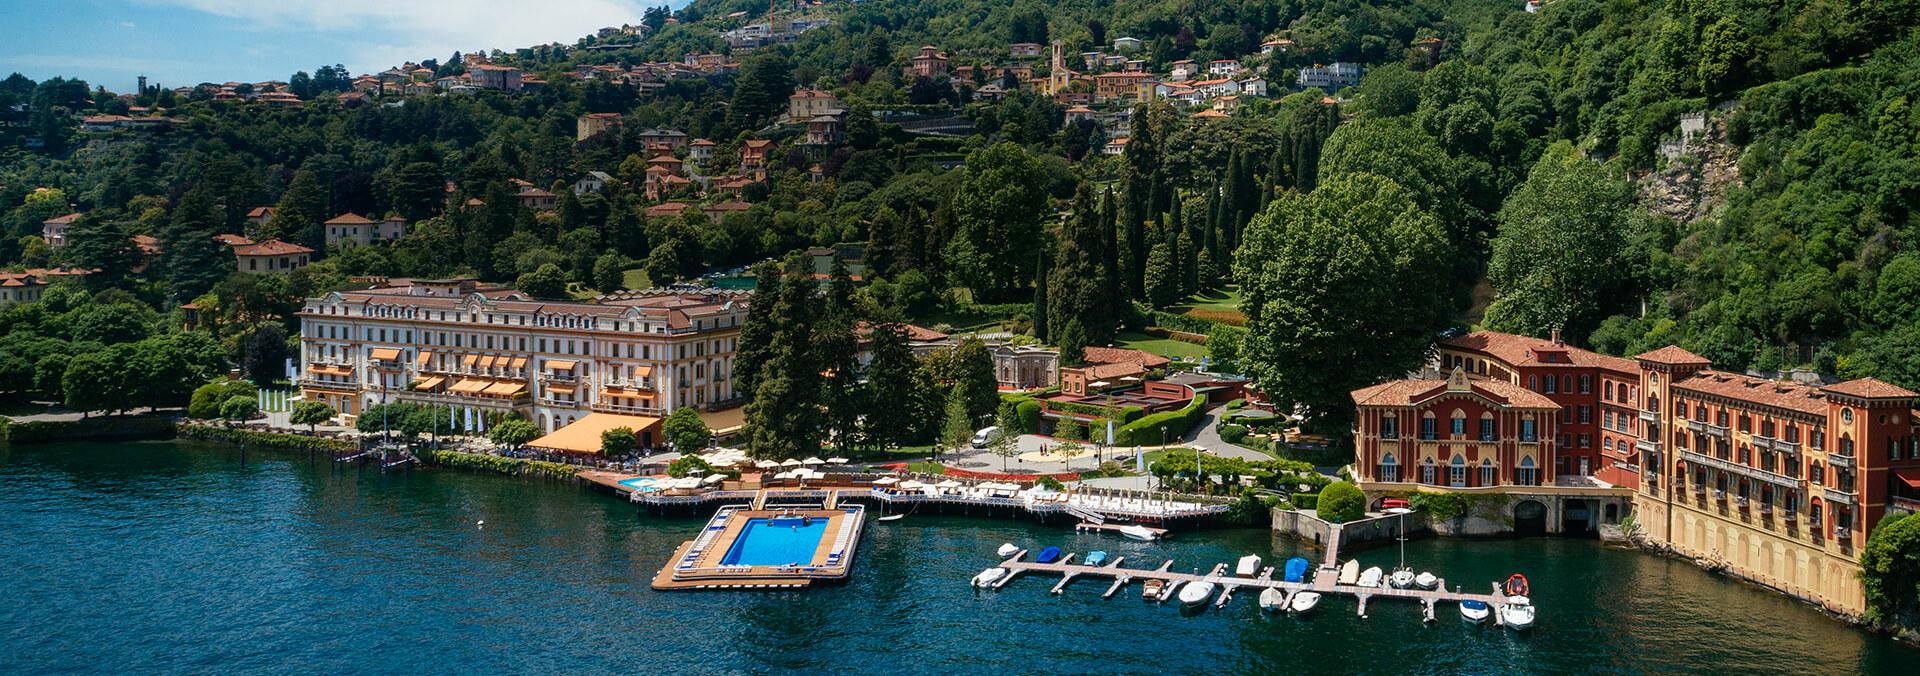 Risultati immagini per yacht club villa d'este